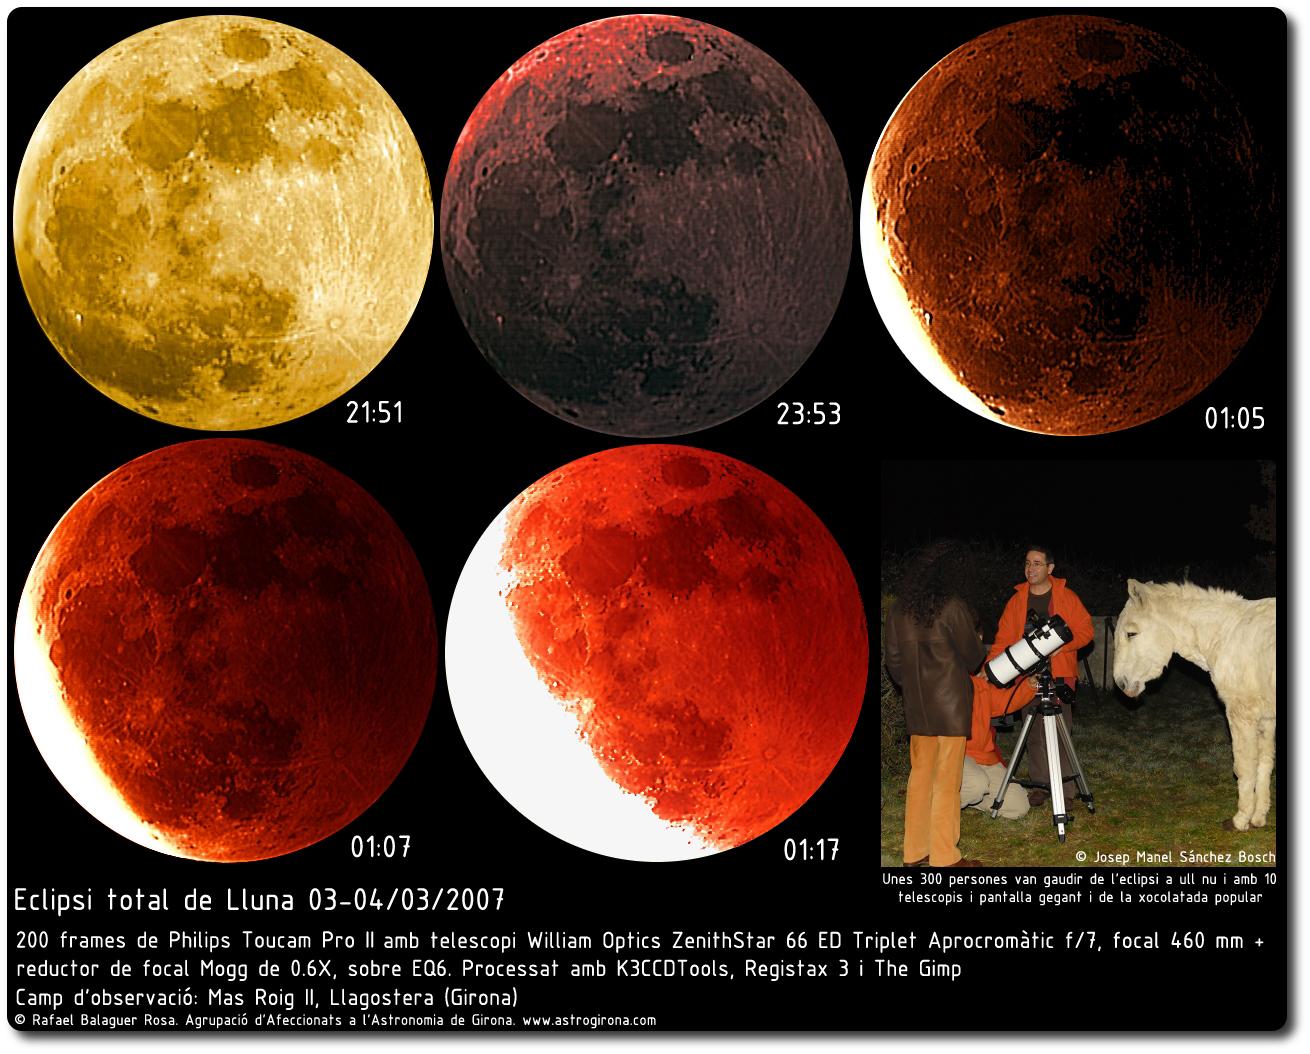 Eclipsi total de Lluna durant la nit del 3 al 4 de març de 2007